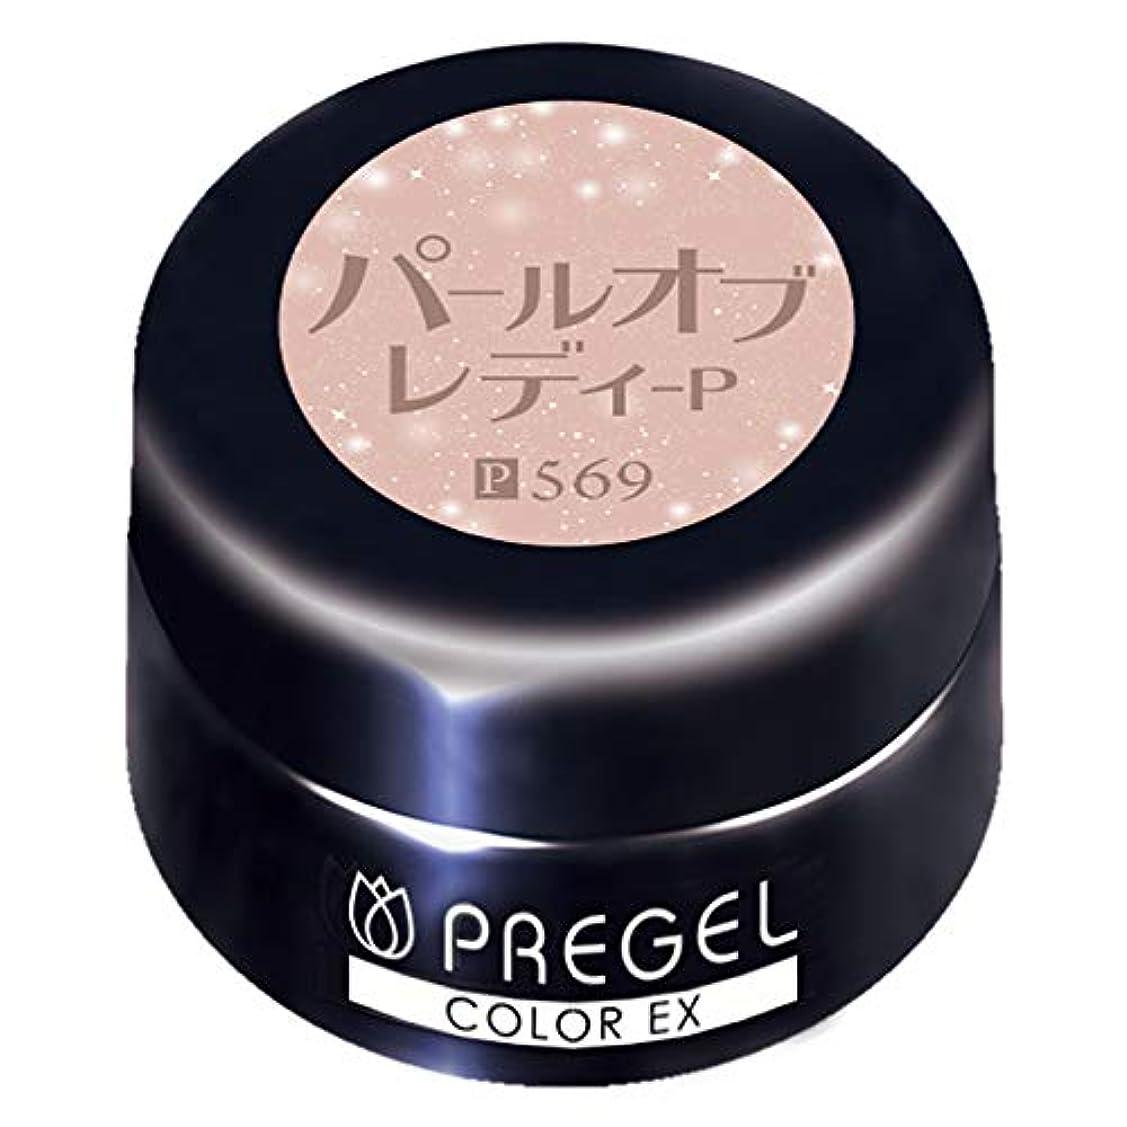 雇った事実上資本PRE GEL(プリジェル) PRE GEL カラージェル カラーEX パールオブレディ-P 3g PG-CE569 UV/LED対応 ジェルネイル